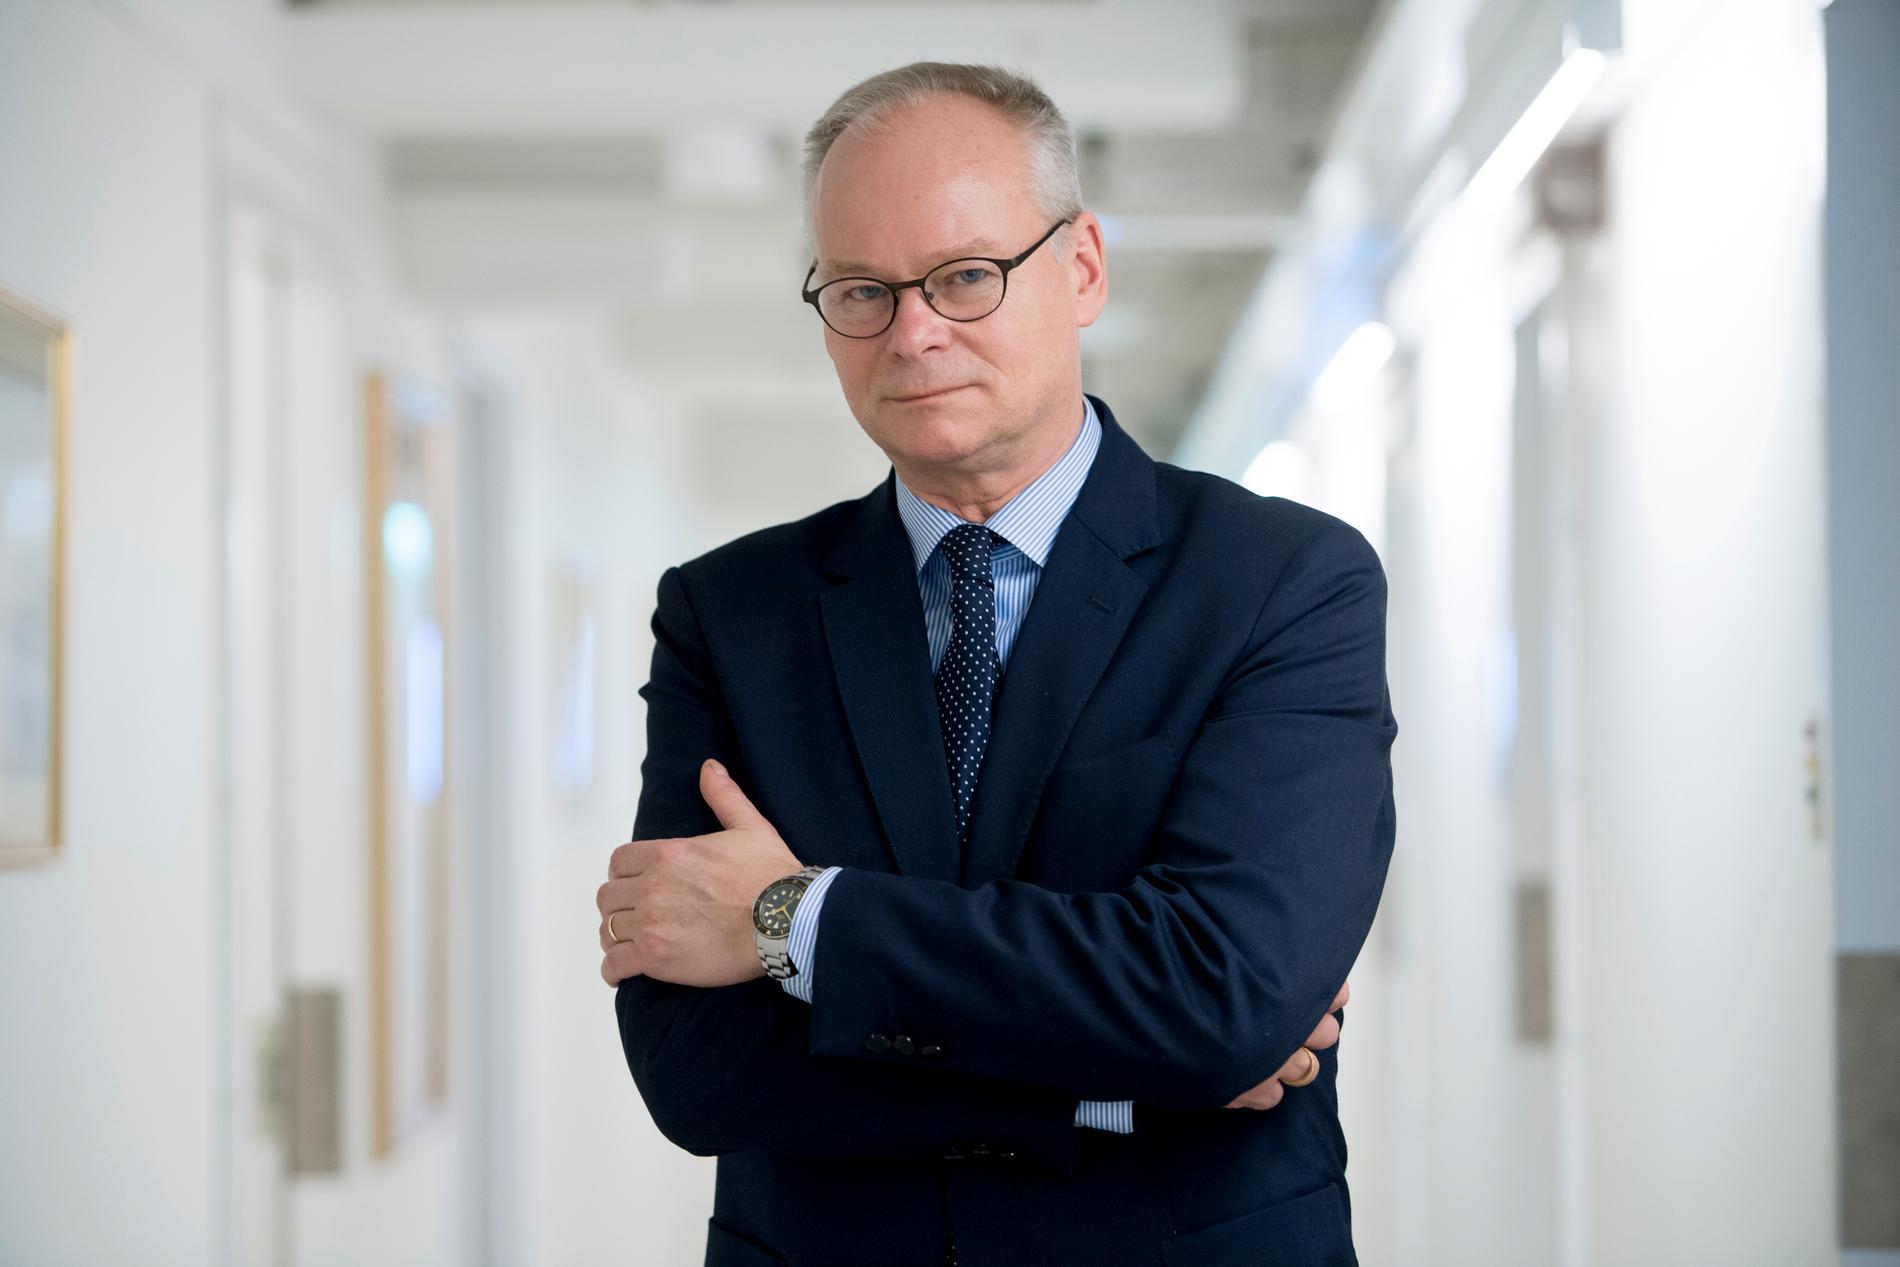 Statsvetaren Tommy Möller ser ett extraval som en logisk konsekvens av det låsta läget svensk politik befinner sig i. Arkivbild.